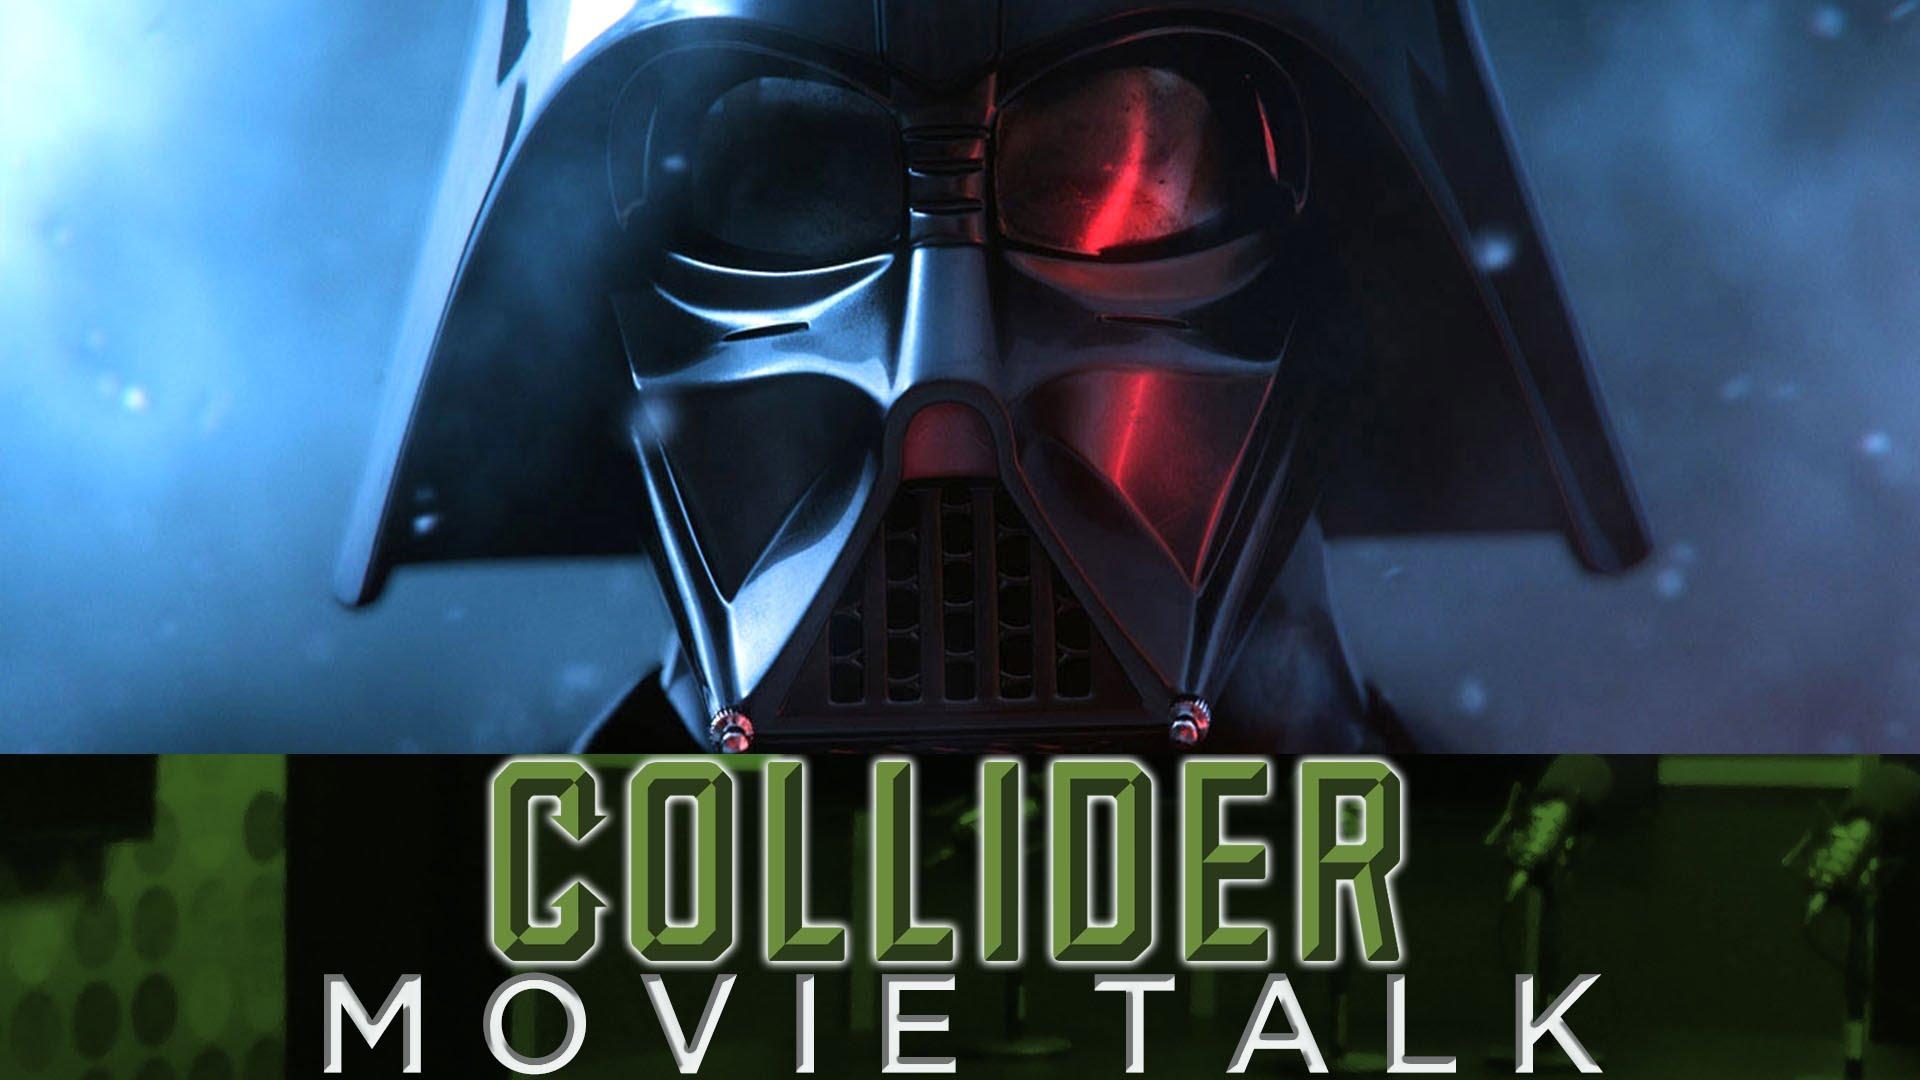 Collider Movie Talk to najlepsze miejsce dla kinomanów na YouTubie